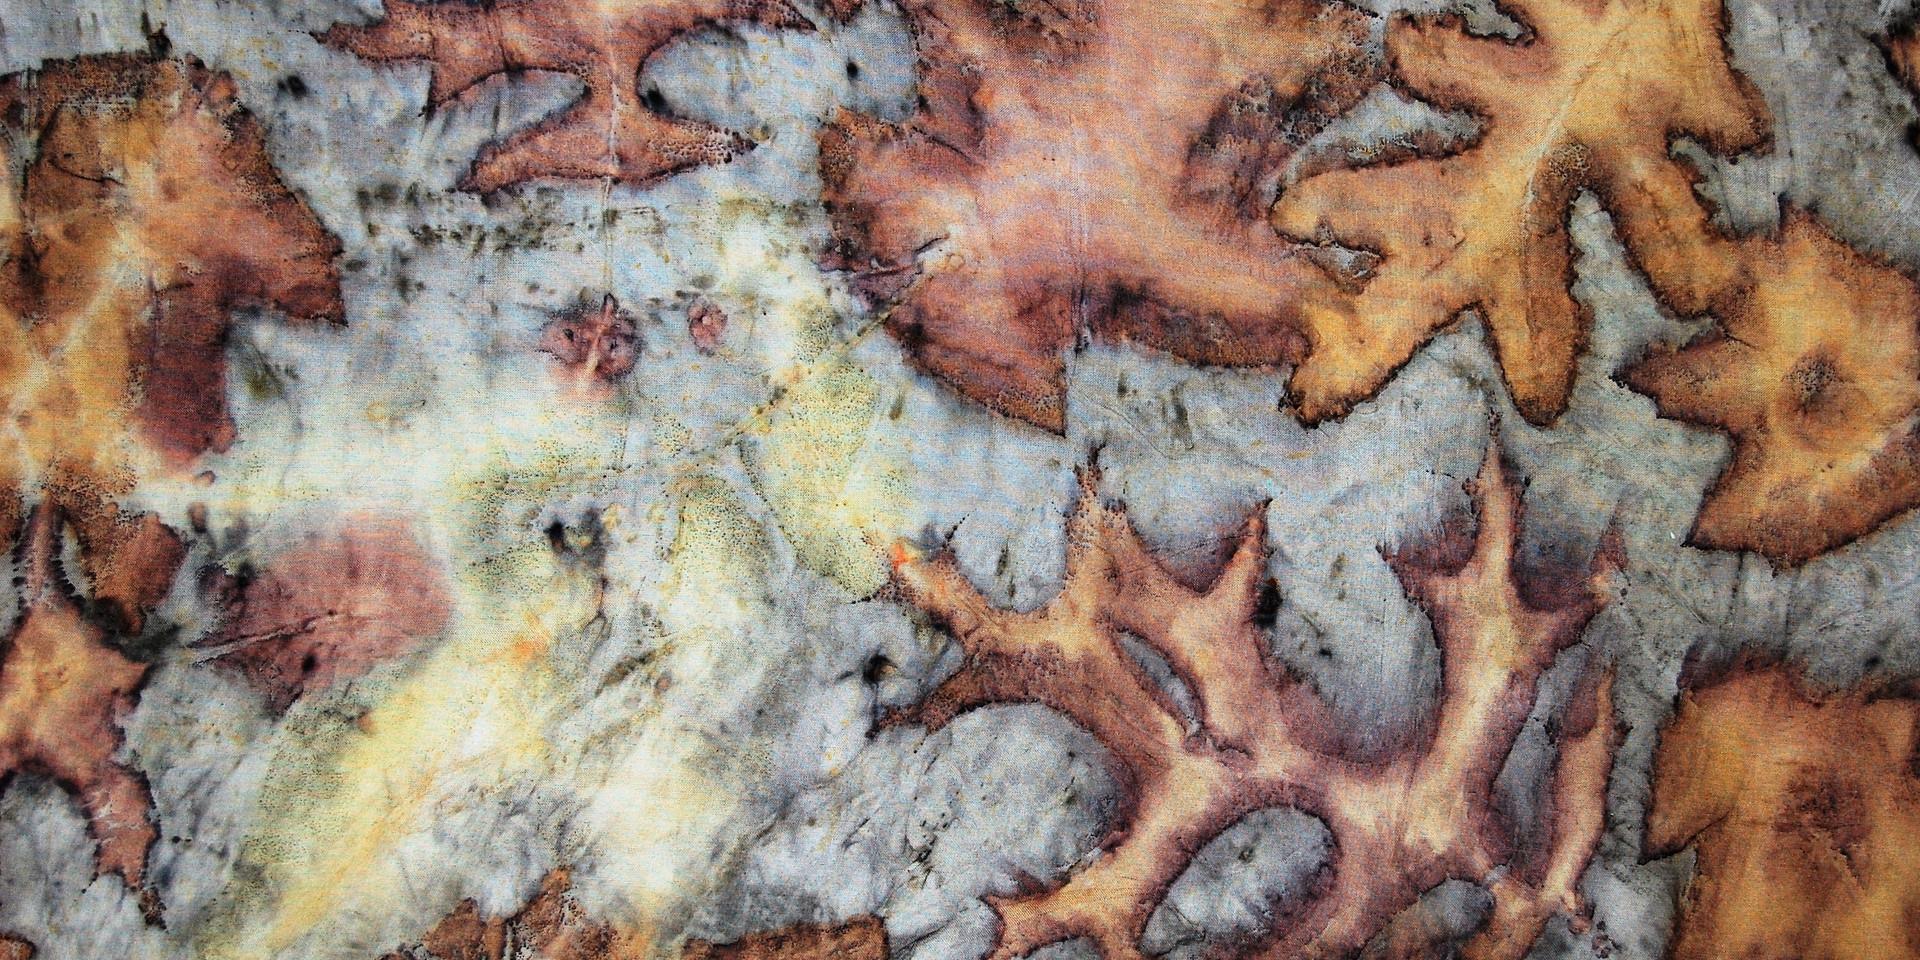 Detail of Double Oak